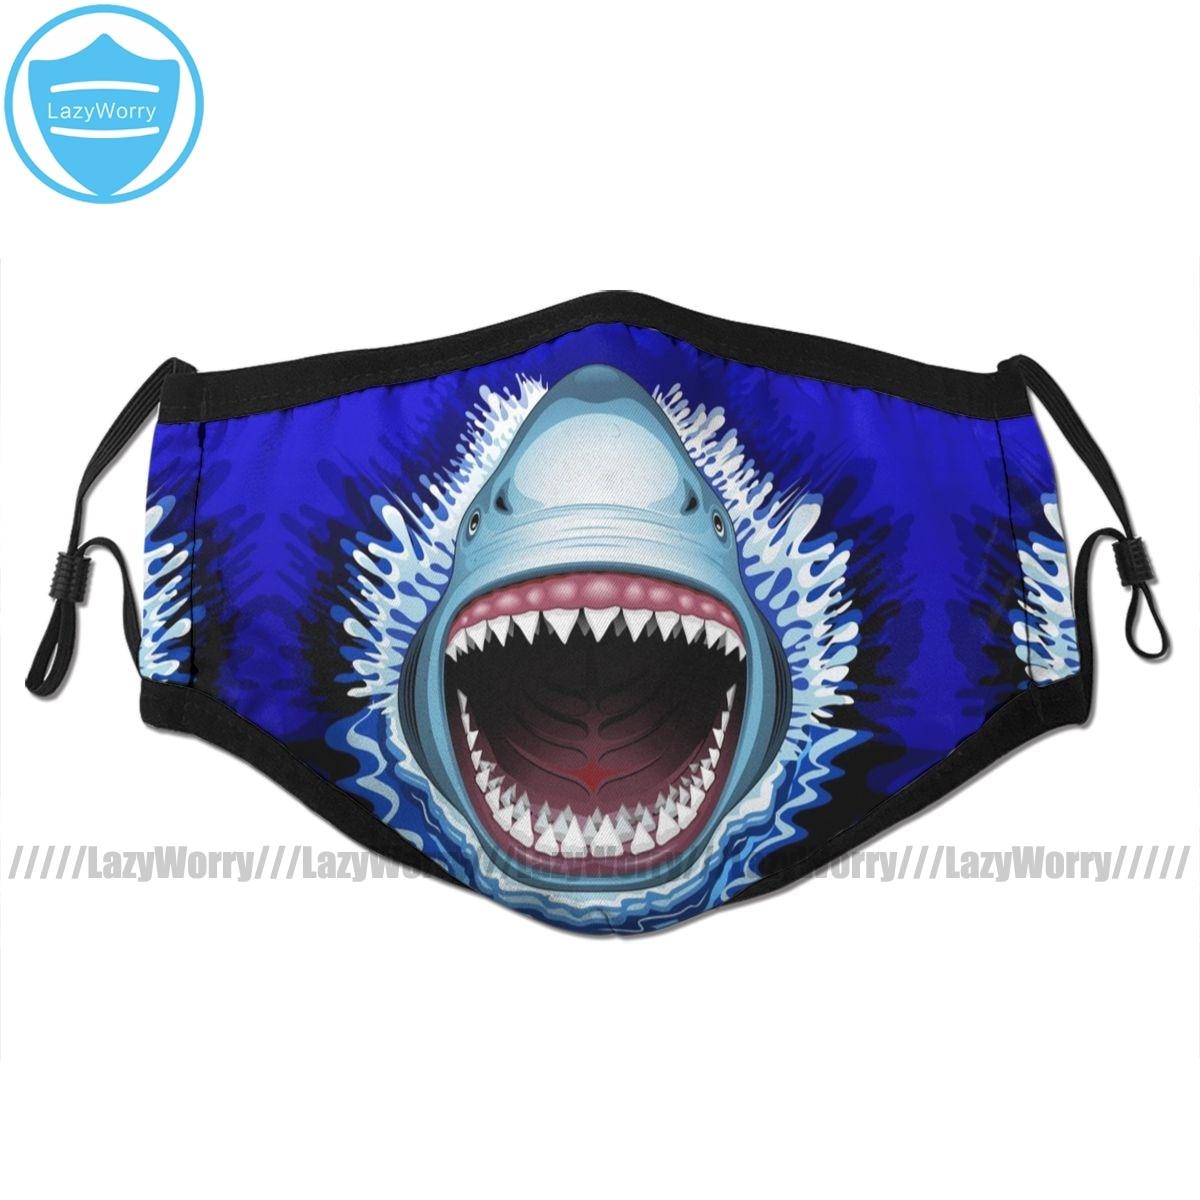 サメの口の口フェイスマスクサメ顎攻撃フェイシャルマスク河合面白い 2 フィルタ大人のためのマスク   -